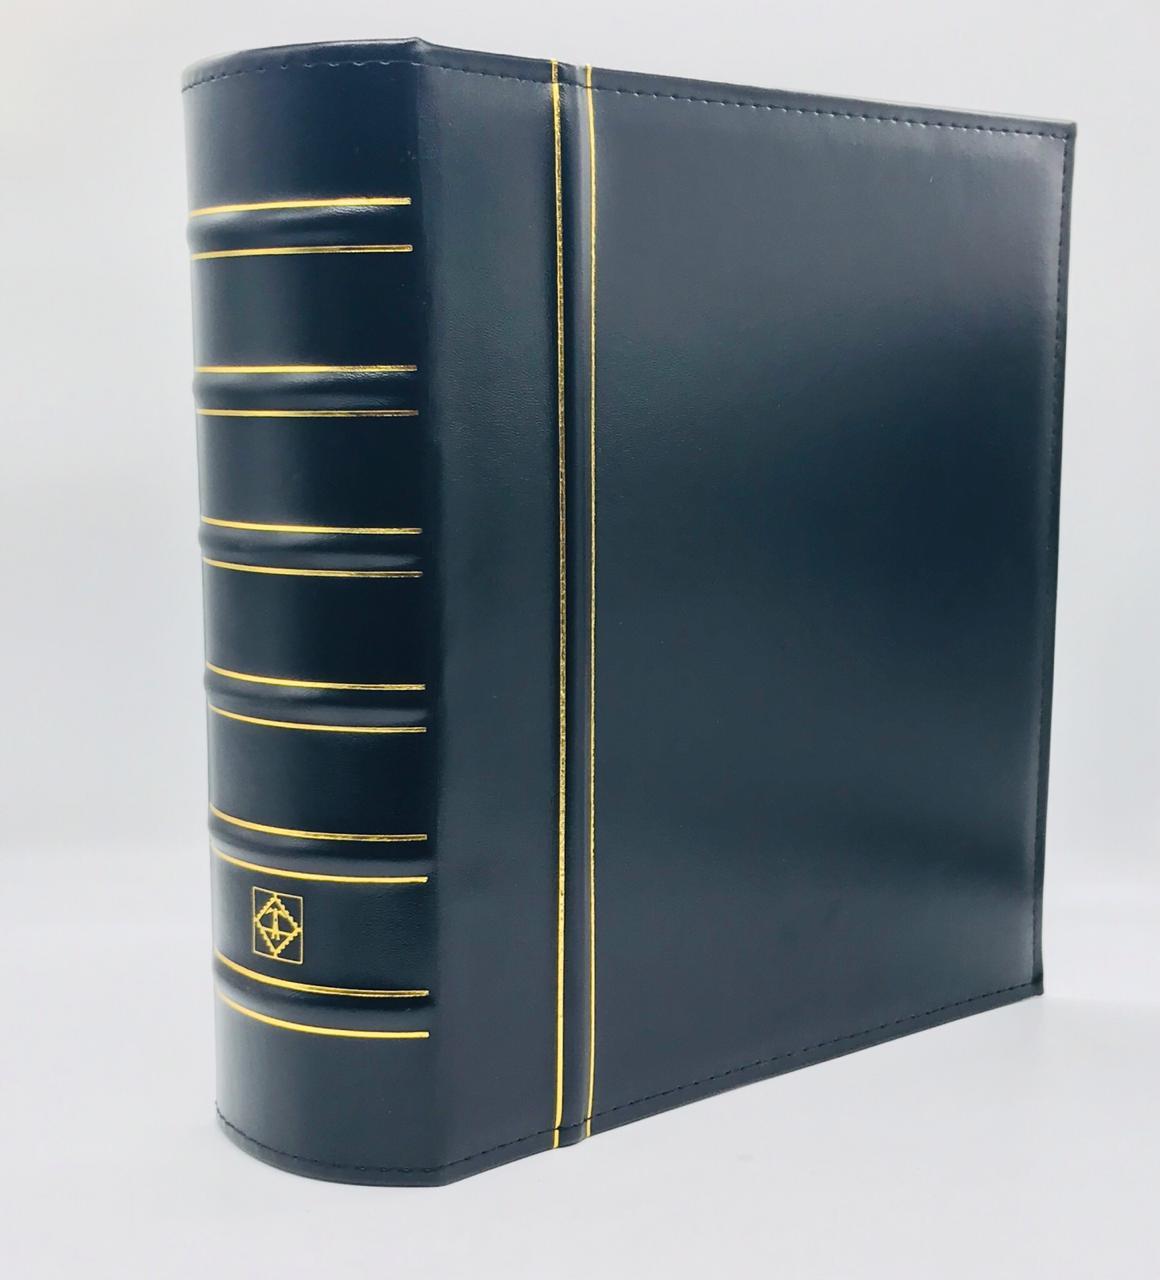 Album Classic Gigante Leuchtturm com box